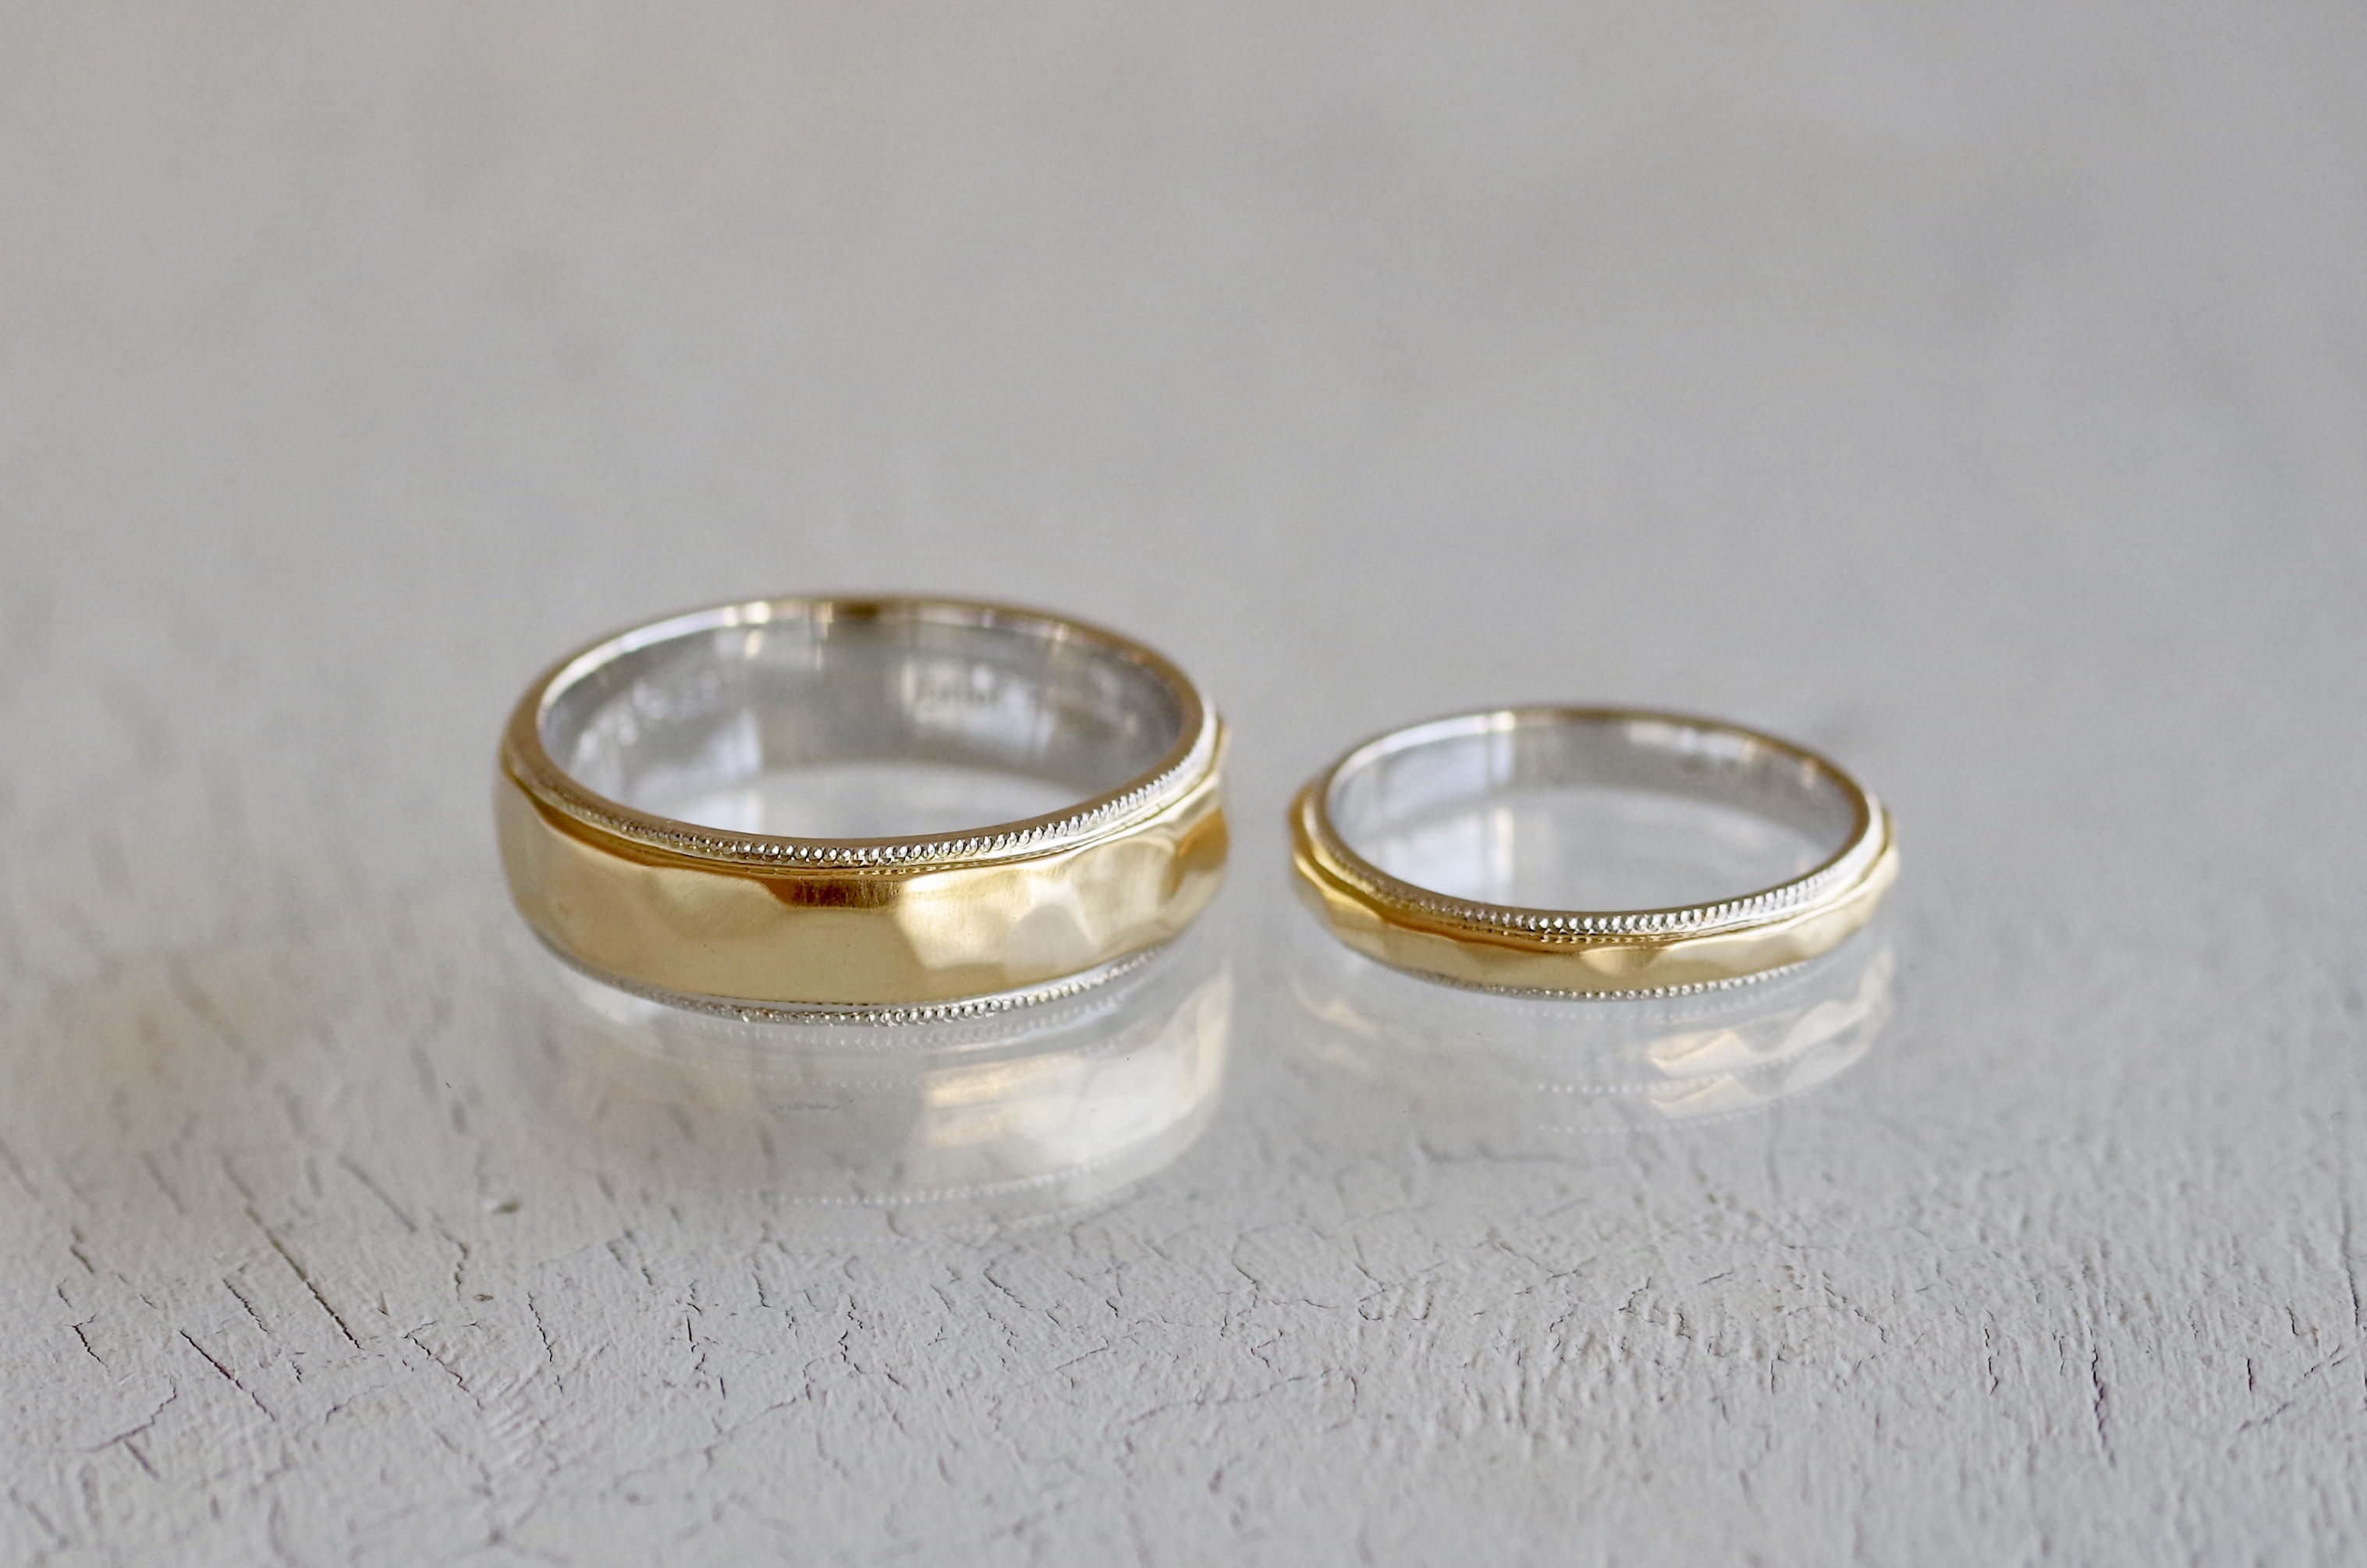 フルオーダーメイド 結婚指輪 ゴールド プラチナ